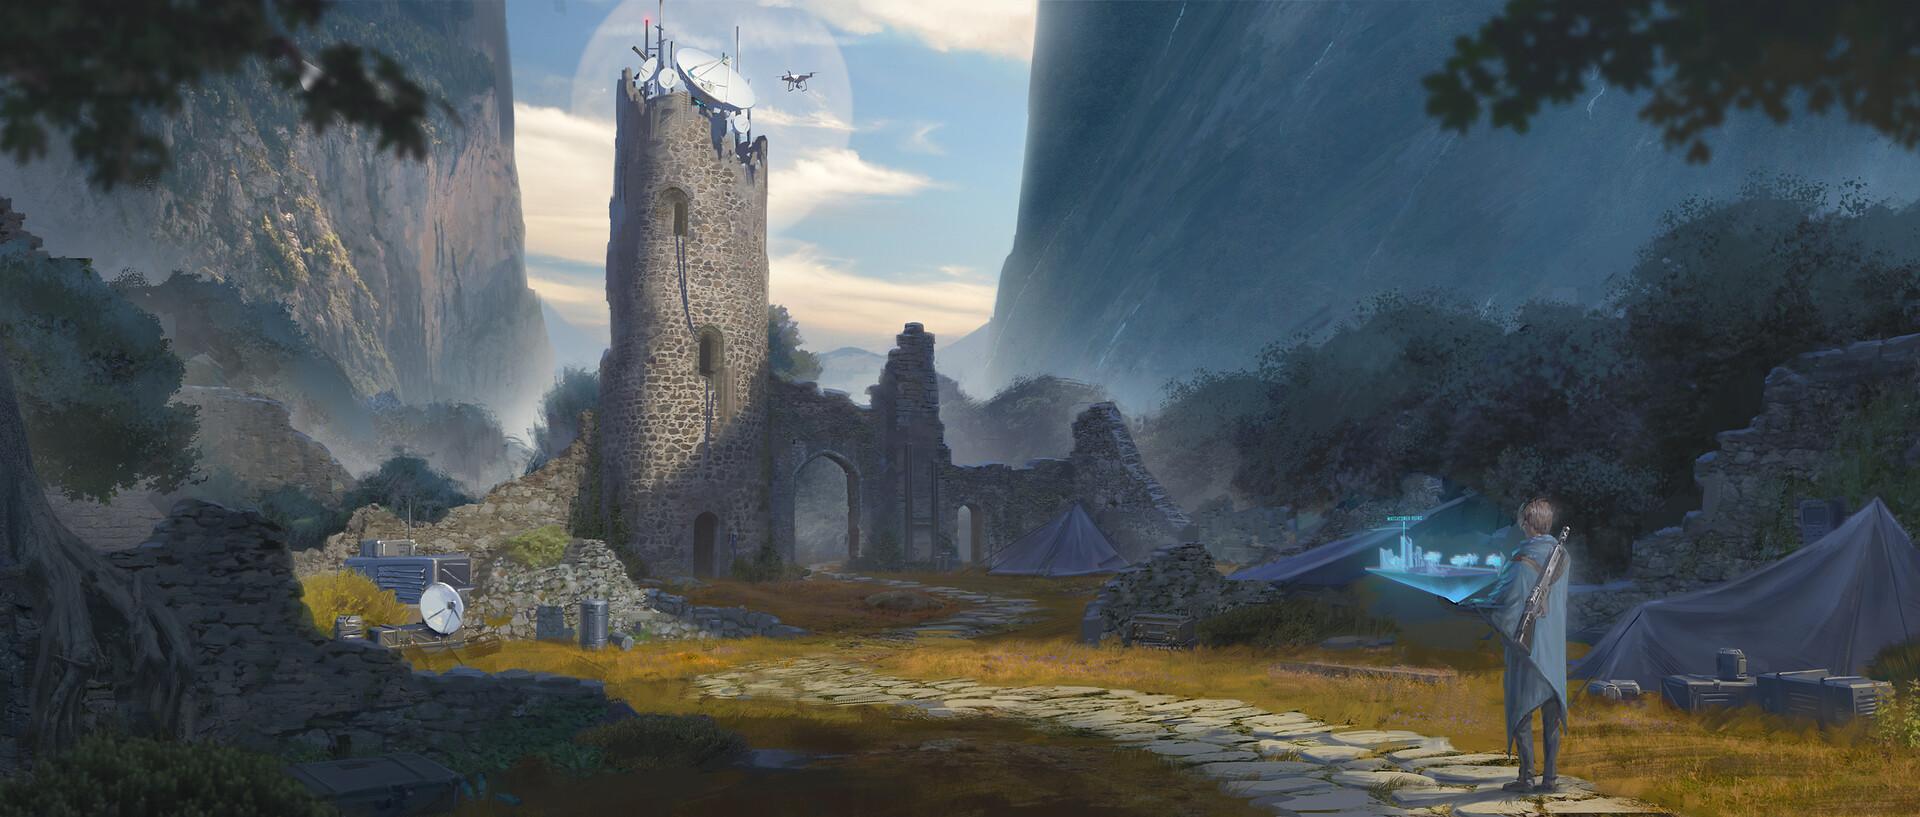 Jasza dobrzanski ruins concept final